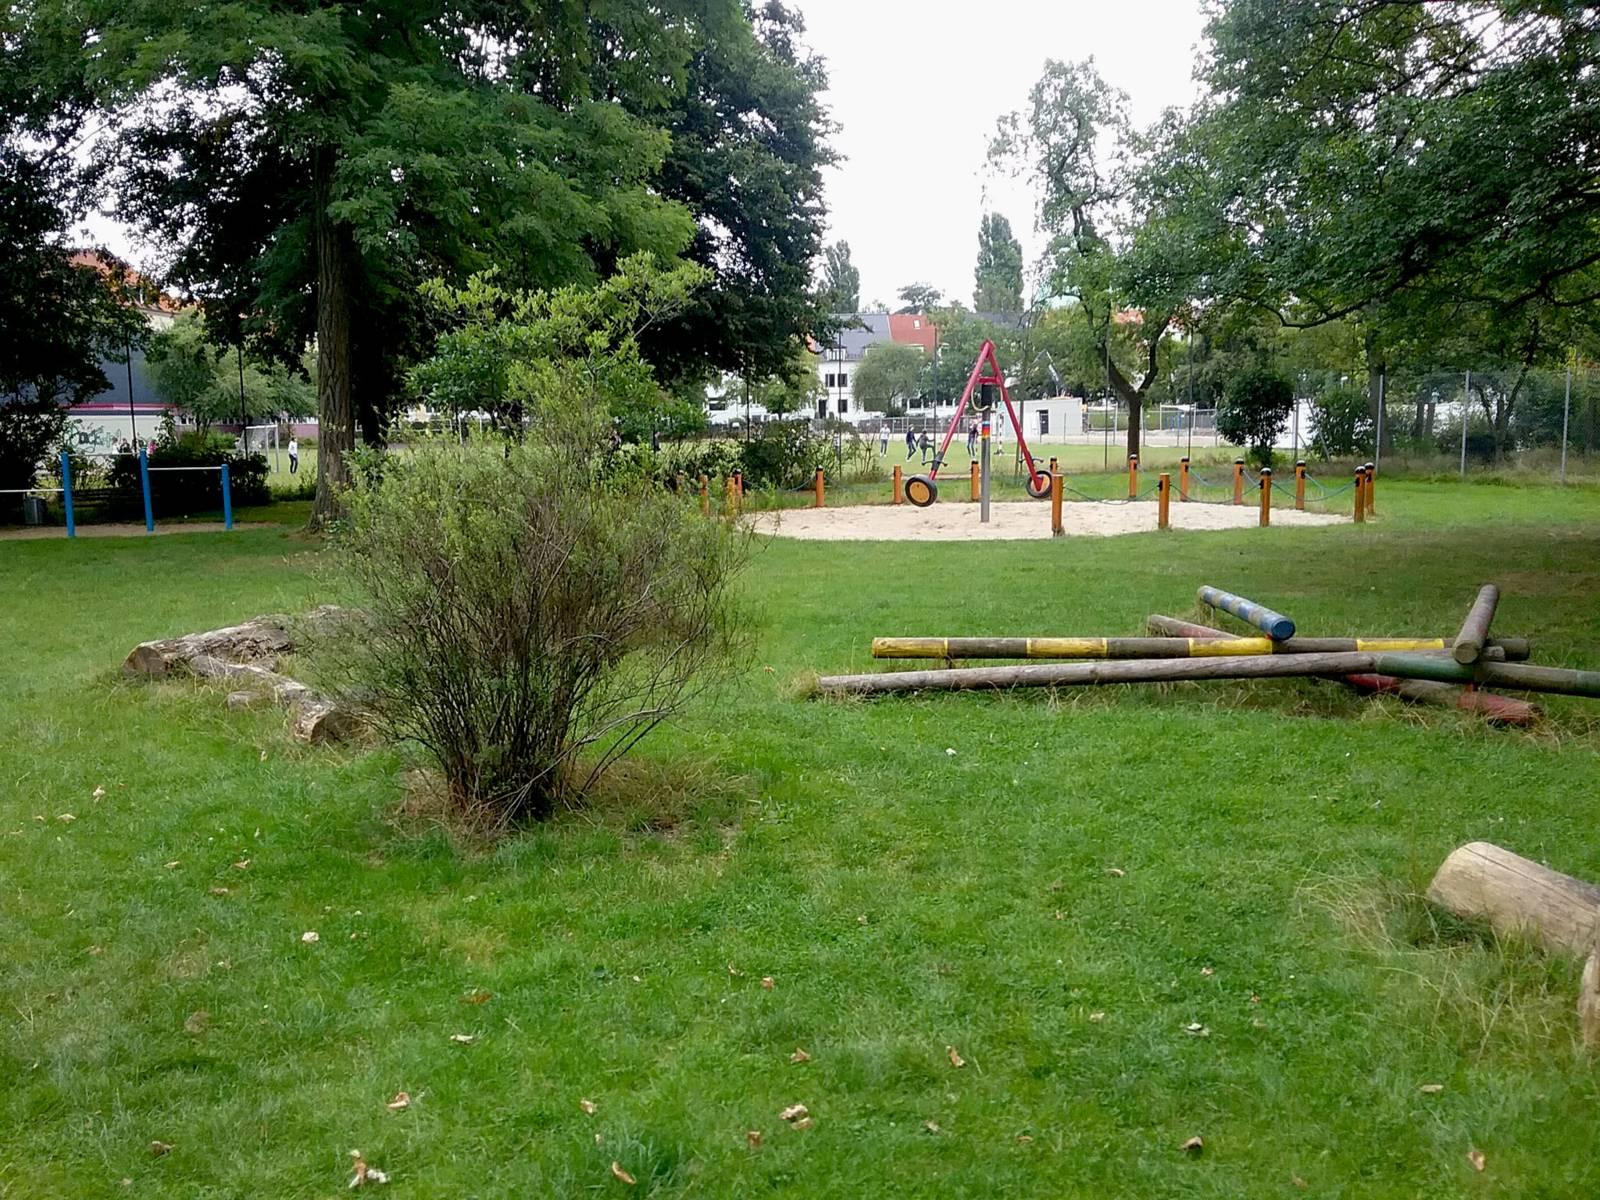 Spielplatz im Grünen mit Holzspielgeräten